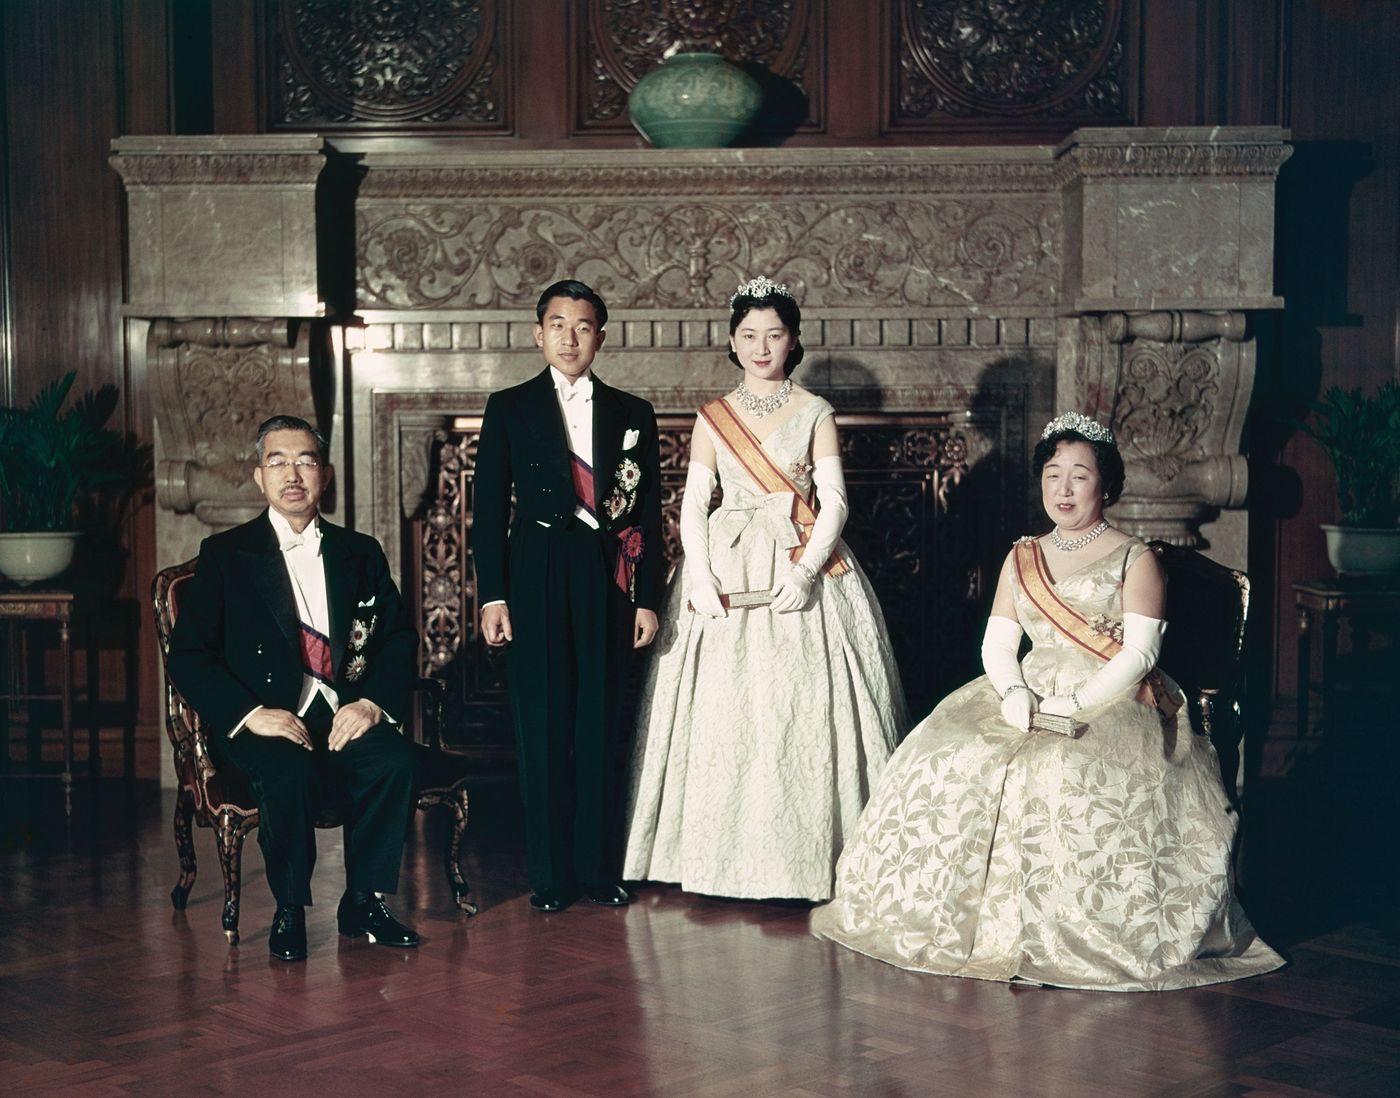 Nhật Hoàng Akihito: Vị hoàng đế của nhiều lần đầu tiên - Ảnh 5.